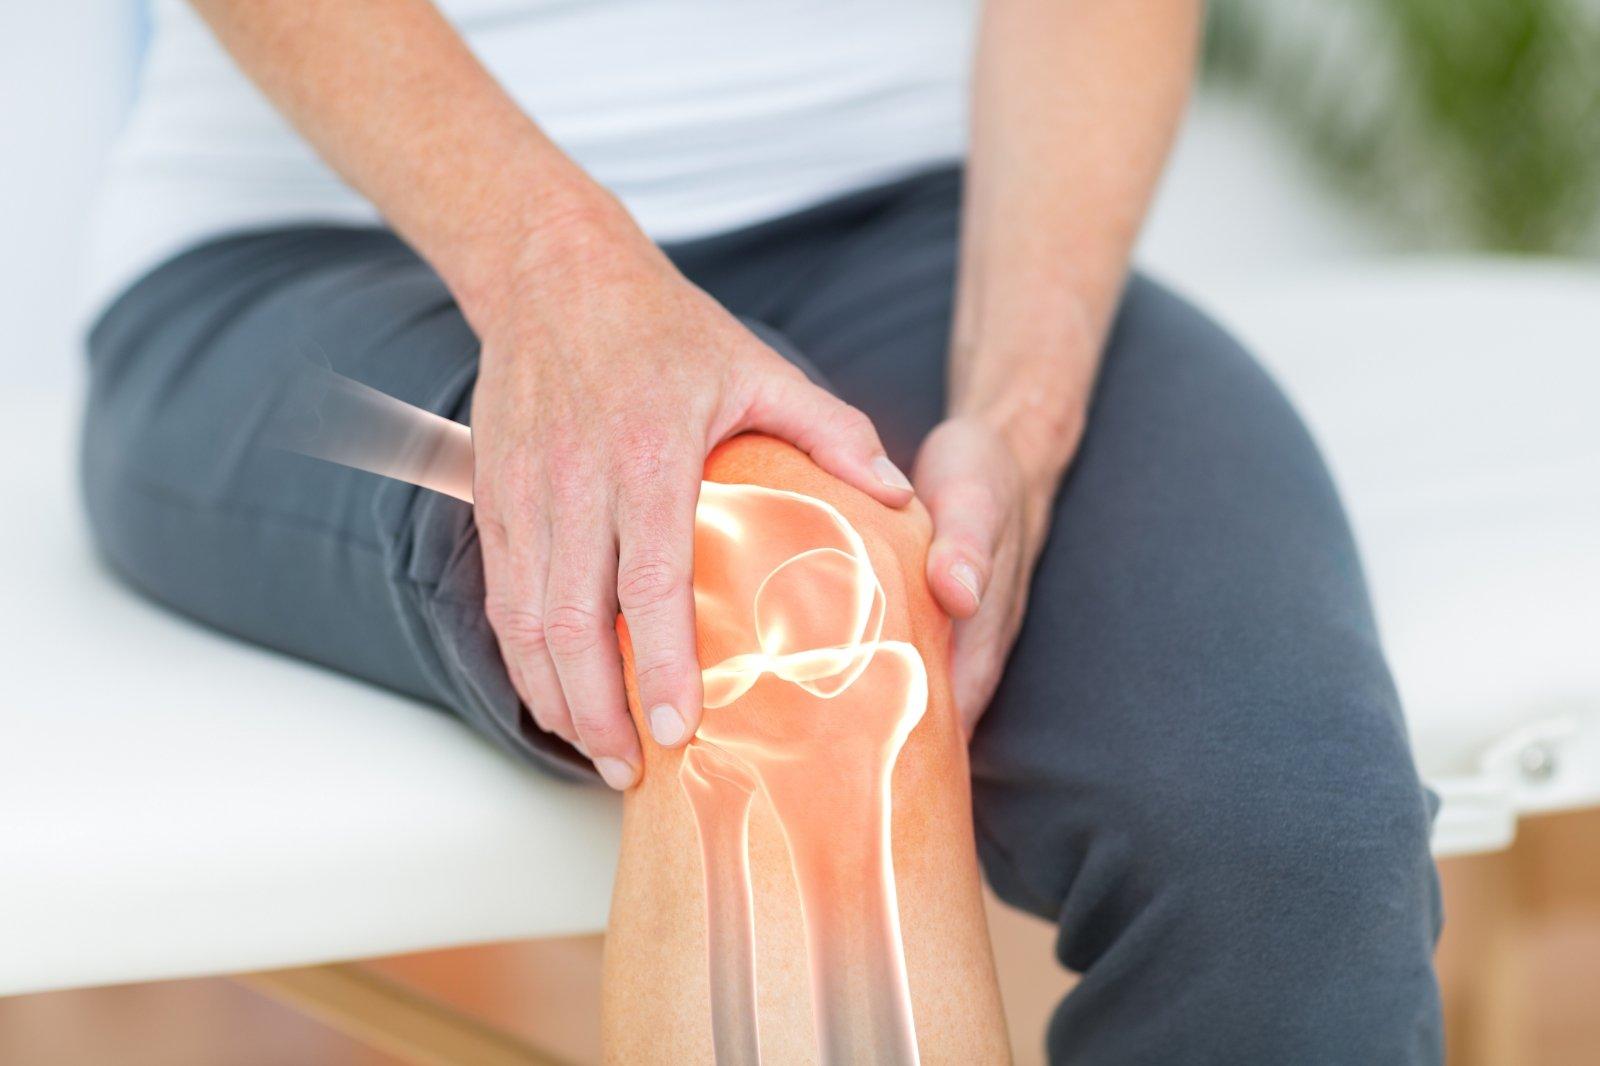 kaip sumažinti reumatas sąnarių skausmą maine coon slash problemos